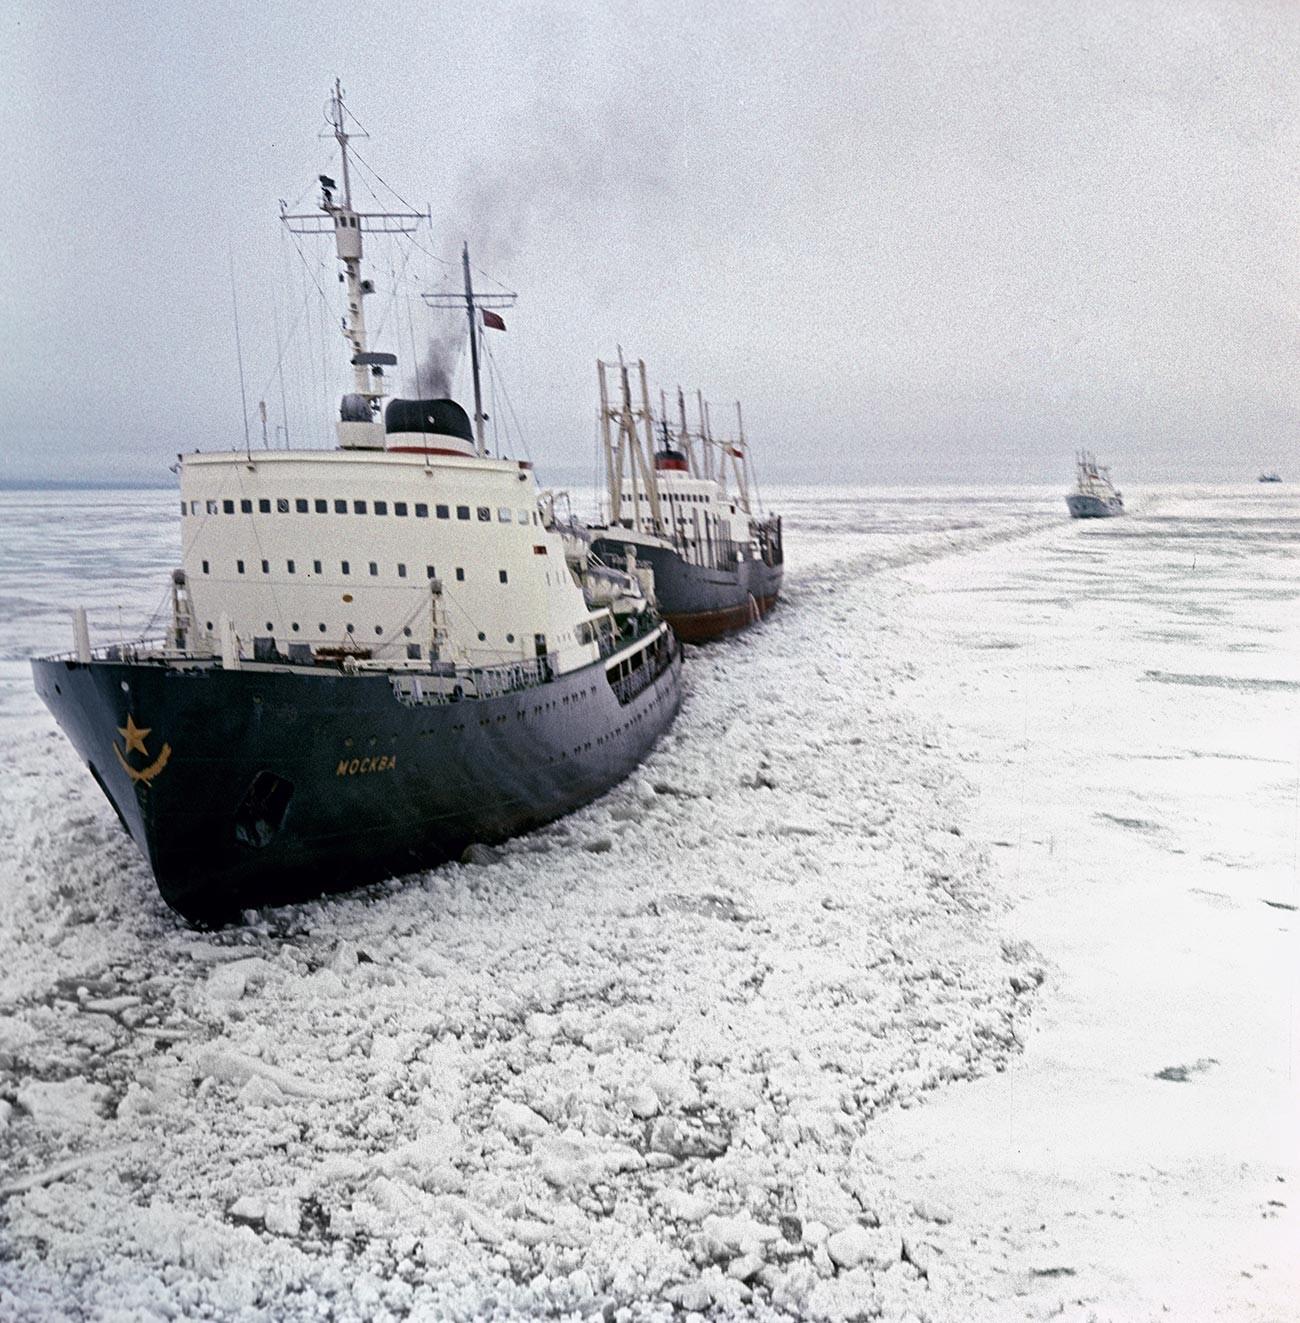 """Ледоломац """"Москва"""" води караван бродова кроз арктички лед."""